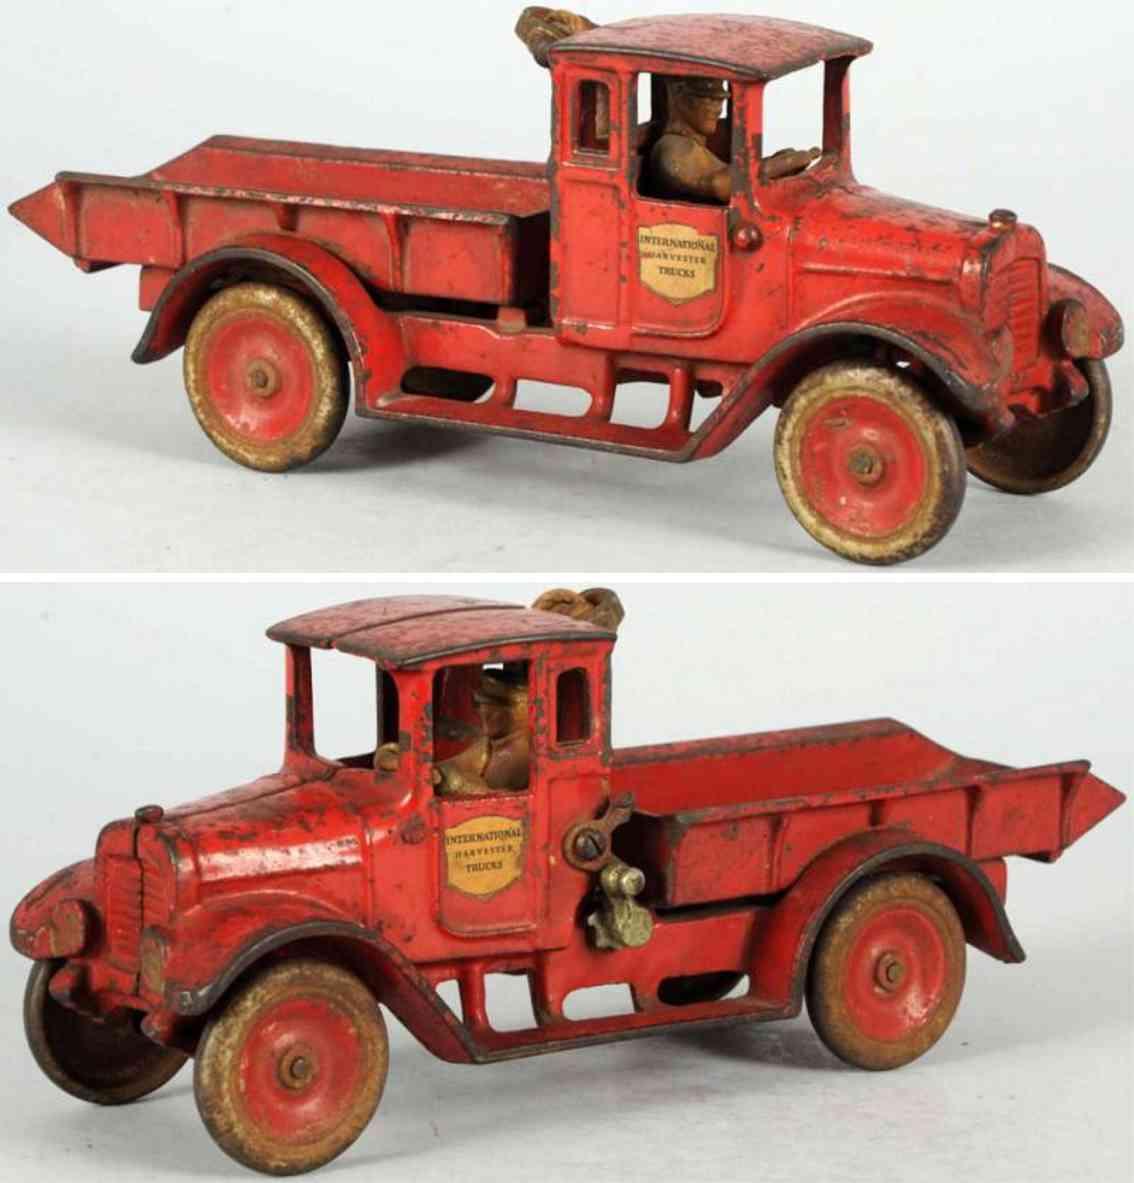 arcade spielzeug gusseisen lastwagen in rot international harvester